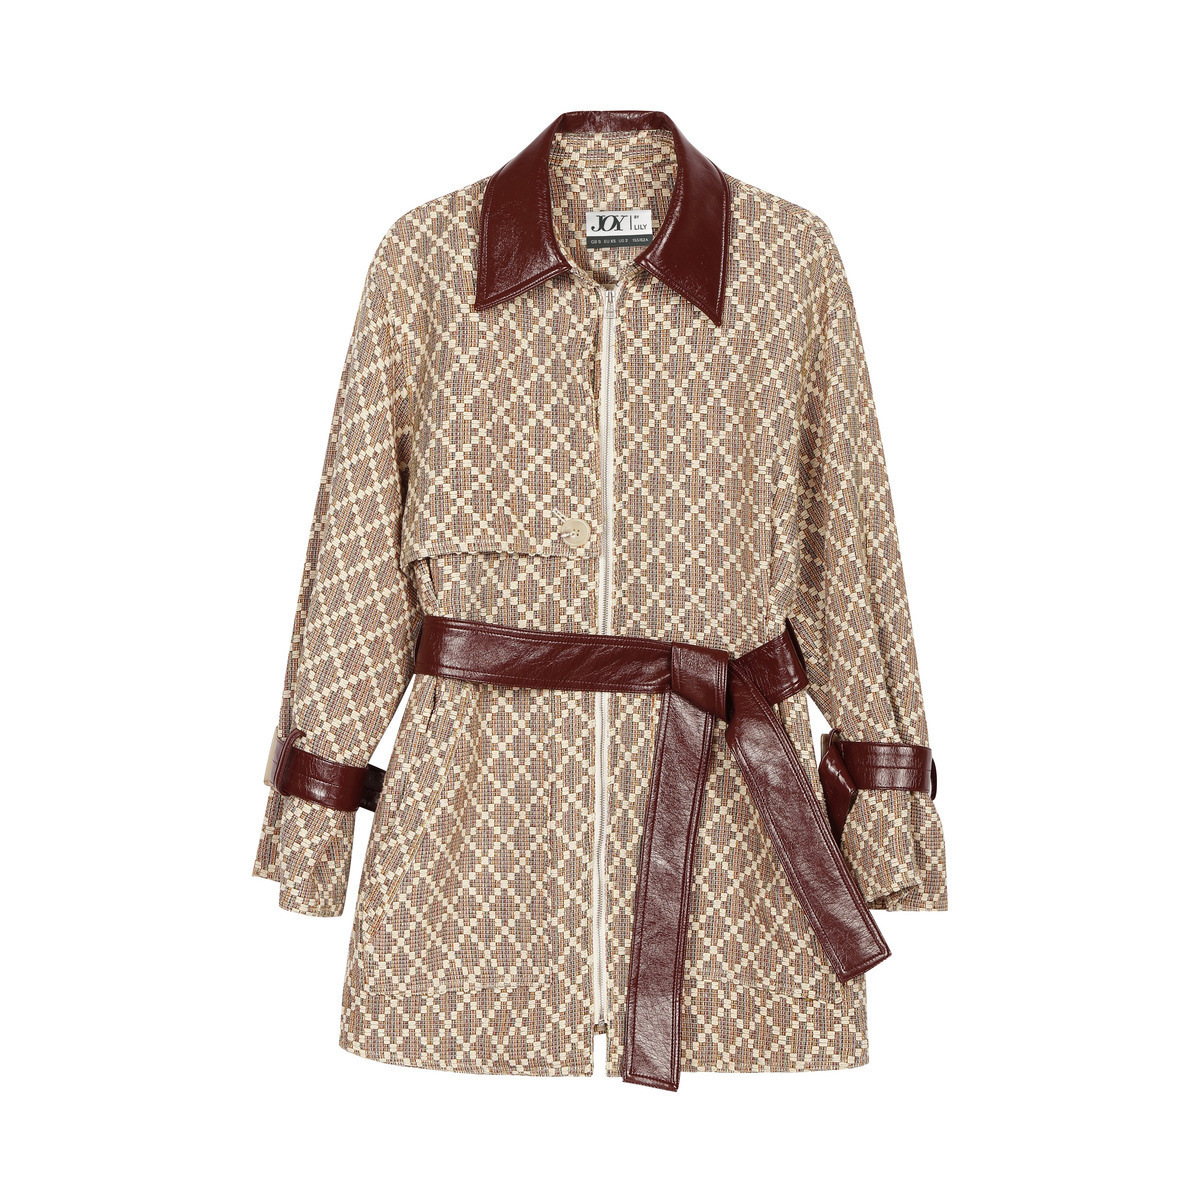 LILY春秋新款女装撞色PU拼接设计菱形格纹拉链风衣式短外套